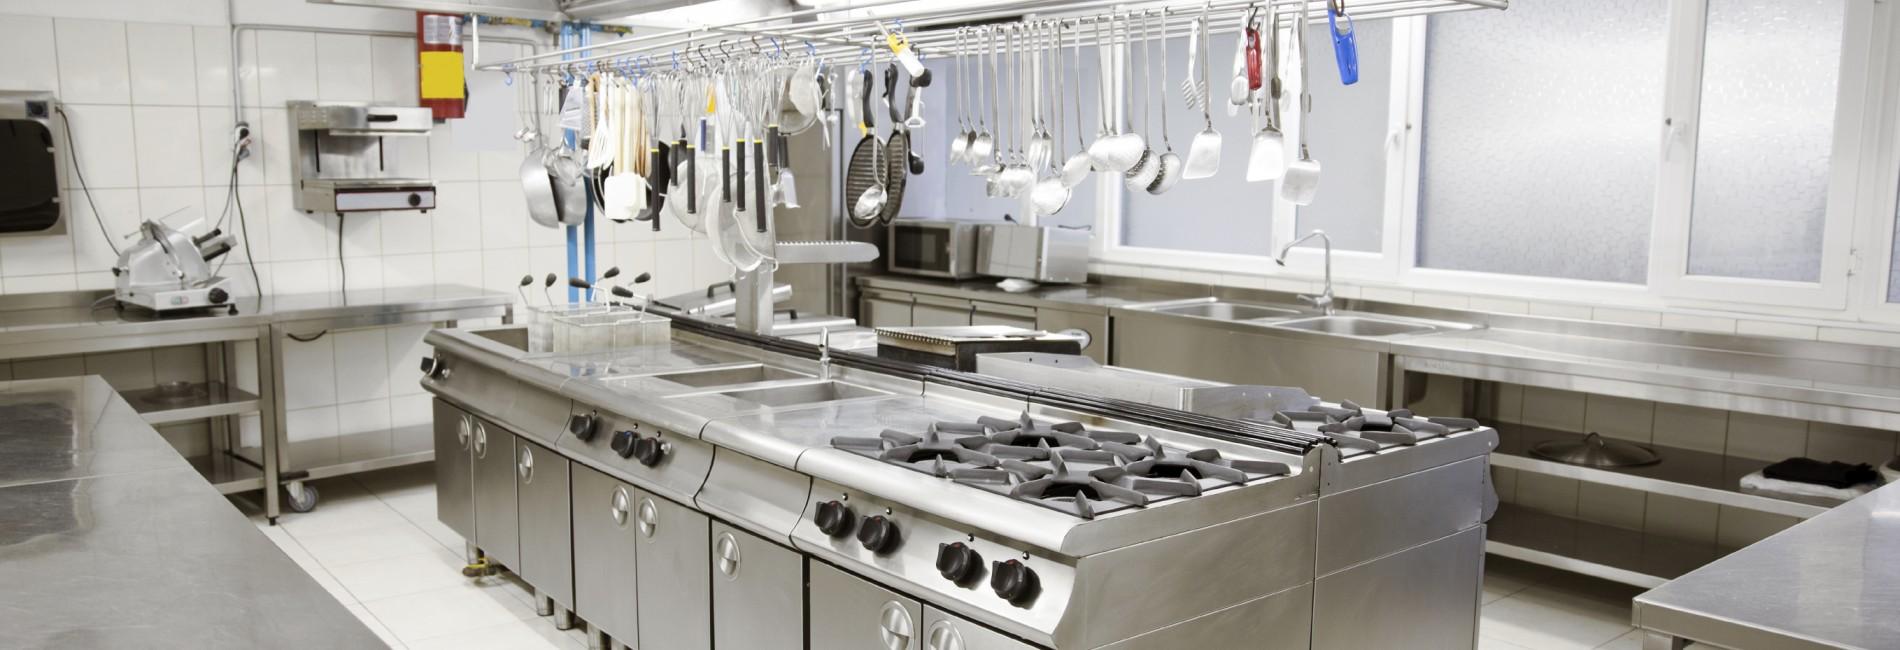 Thiết kế hệ thống bếp công nghiệp, Thi công bếp nhà hàng, thiết kế bếp nhà hàng, thiết kế bếp, thi công bếp công nghiệp, thiết kế bếp công nghiệp, Âu Á Corp